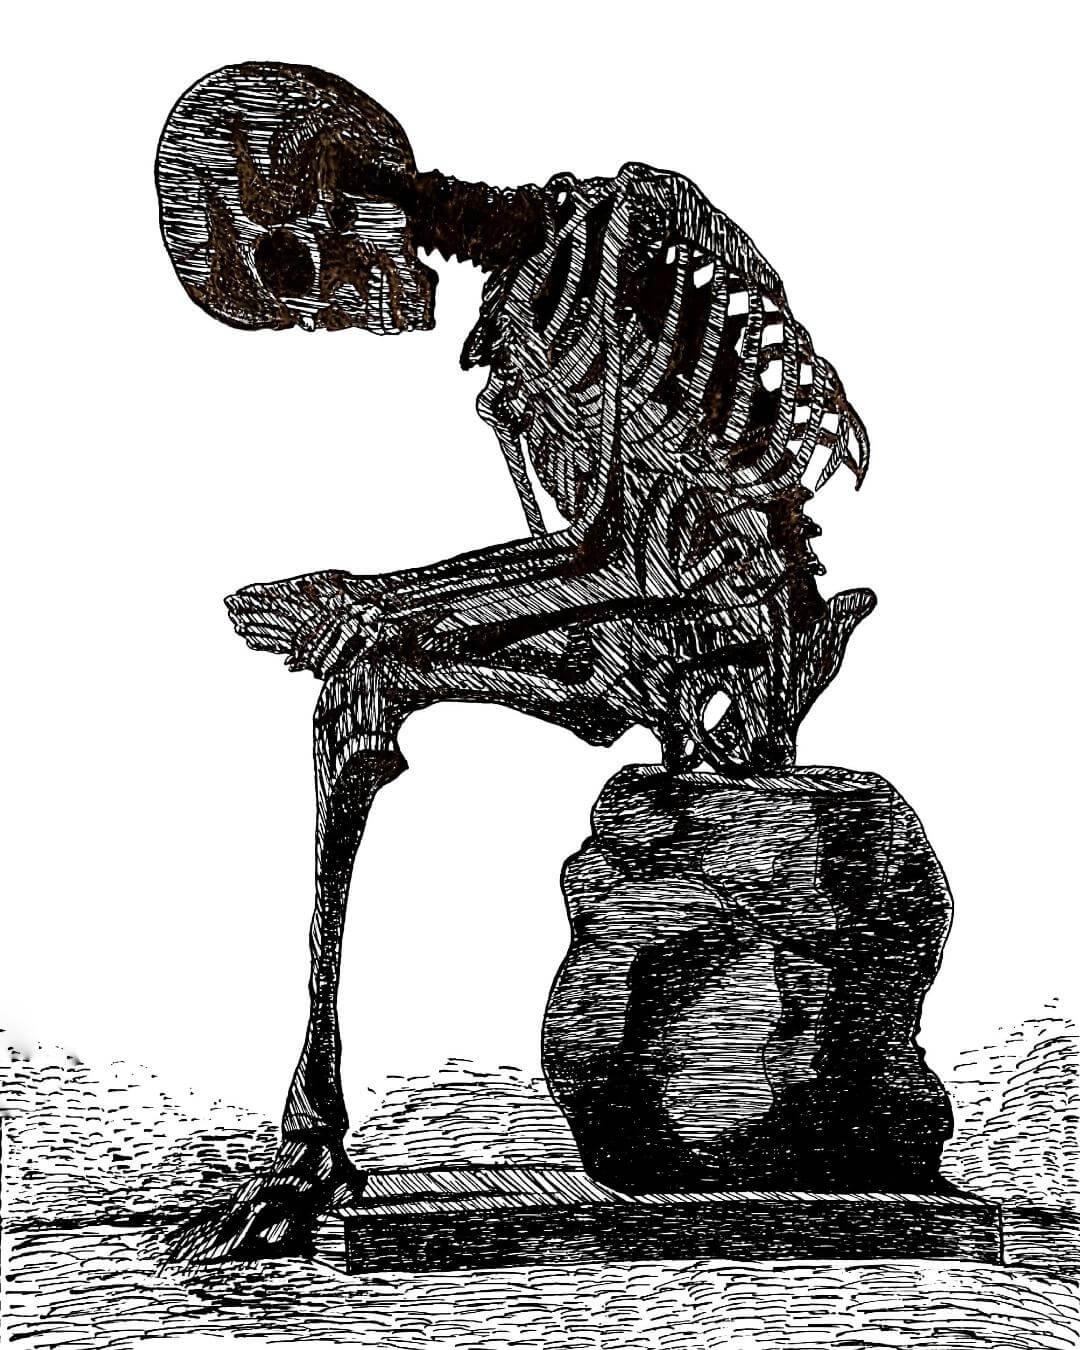 an illustration of a skeleton